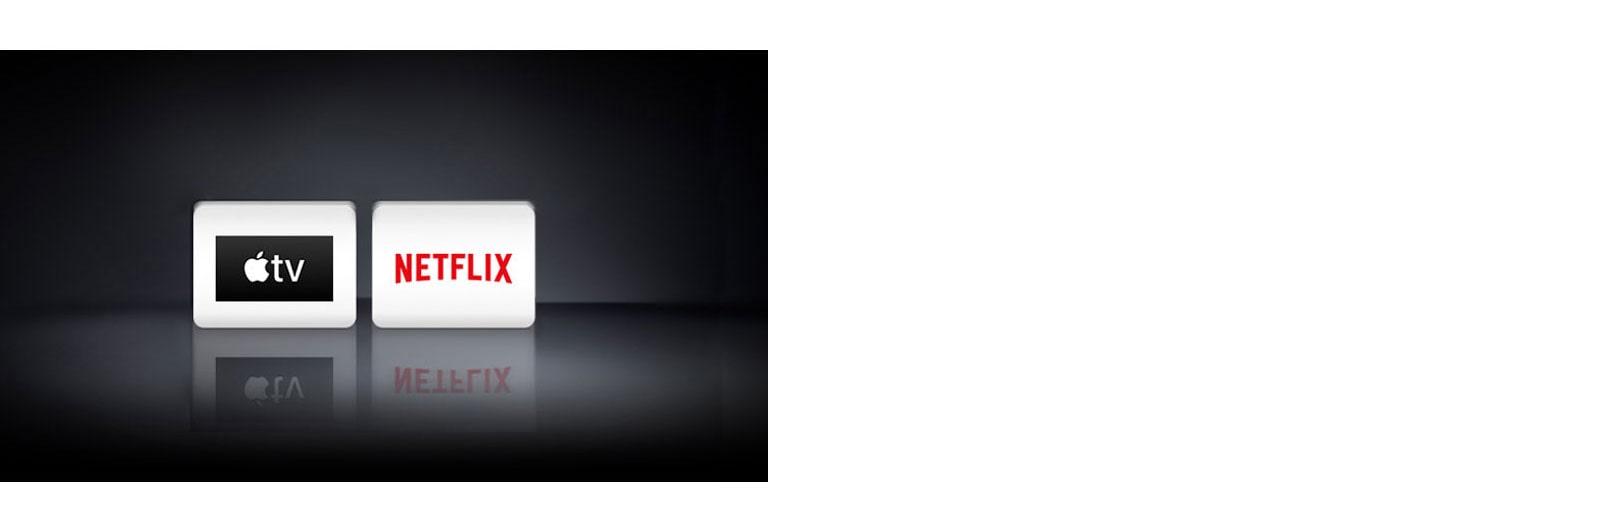 Két alkalmazás logója, balról jobbra haladva ezek: Apple TV alkalmazás, Netflix.